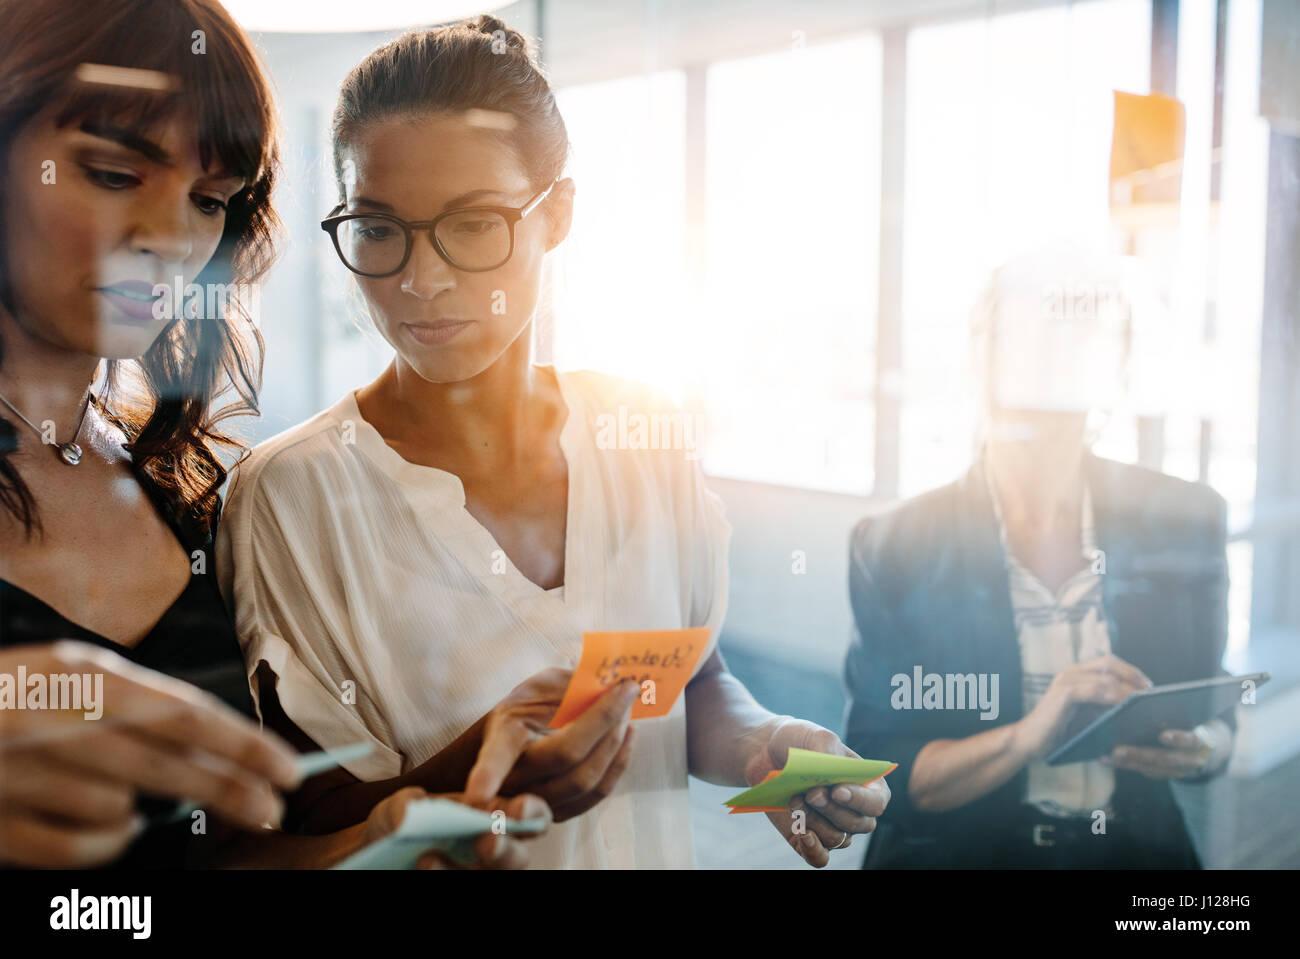 Las mujeres de negocios discutiendo delante de una pared de cristal con post-it notes y pegatinas. Los profesionales Imagen De Stock